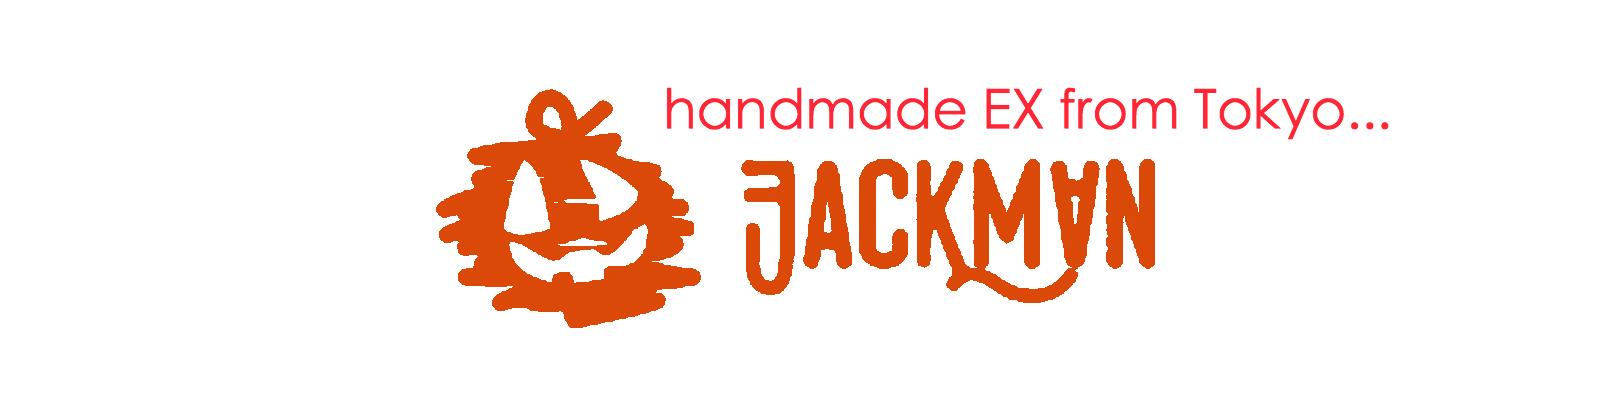 jackman-1600x-400.jpg